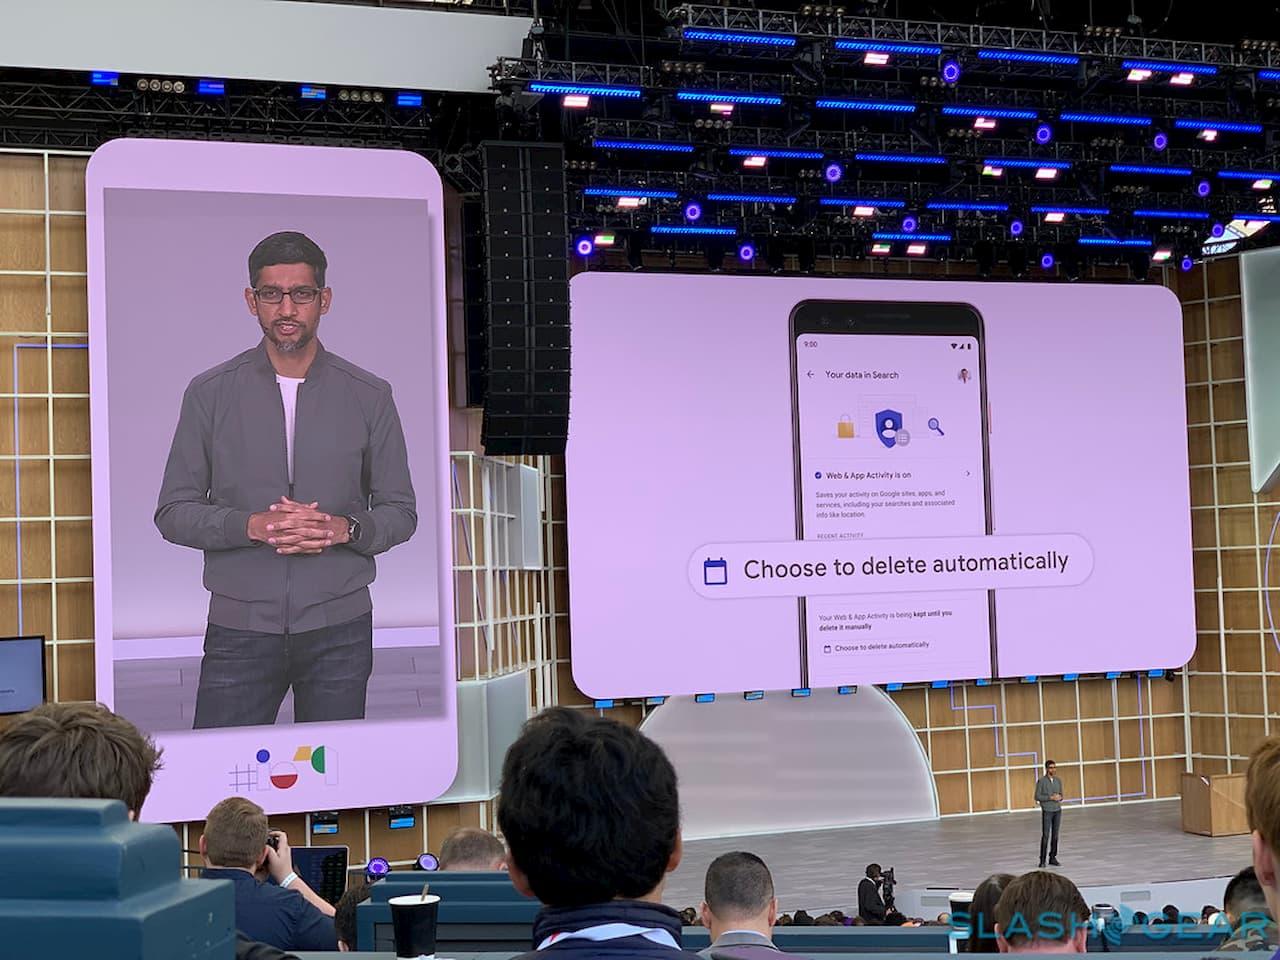 Modo de navegação anônima do Google Maps, exclusão automática de pesquisa e mais privacidade no Google